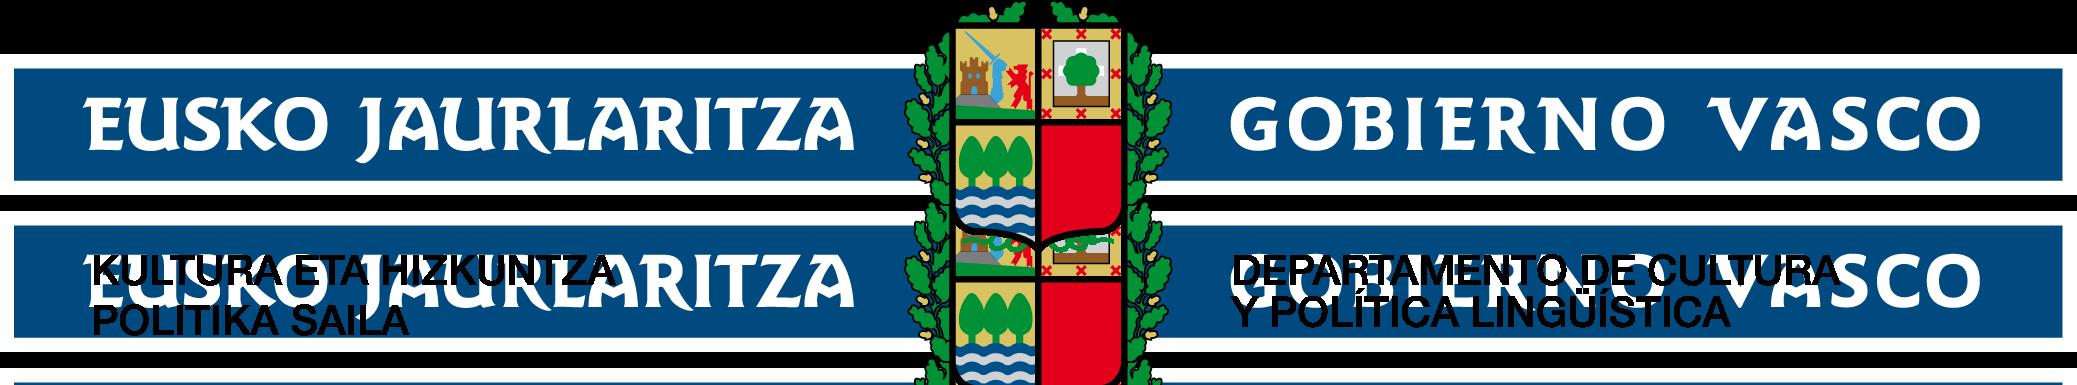 eusko-jaurlaritza-logo